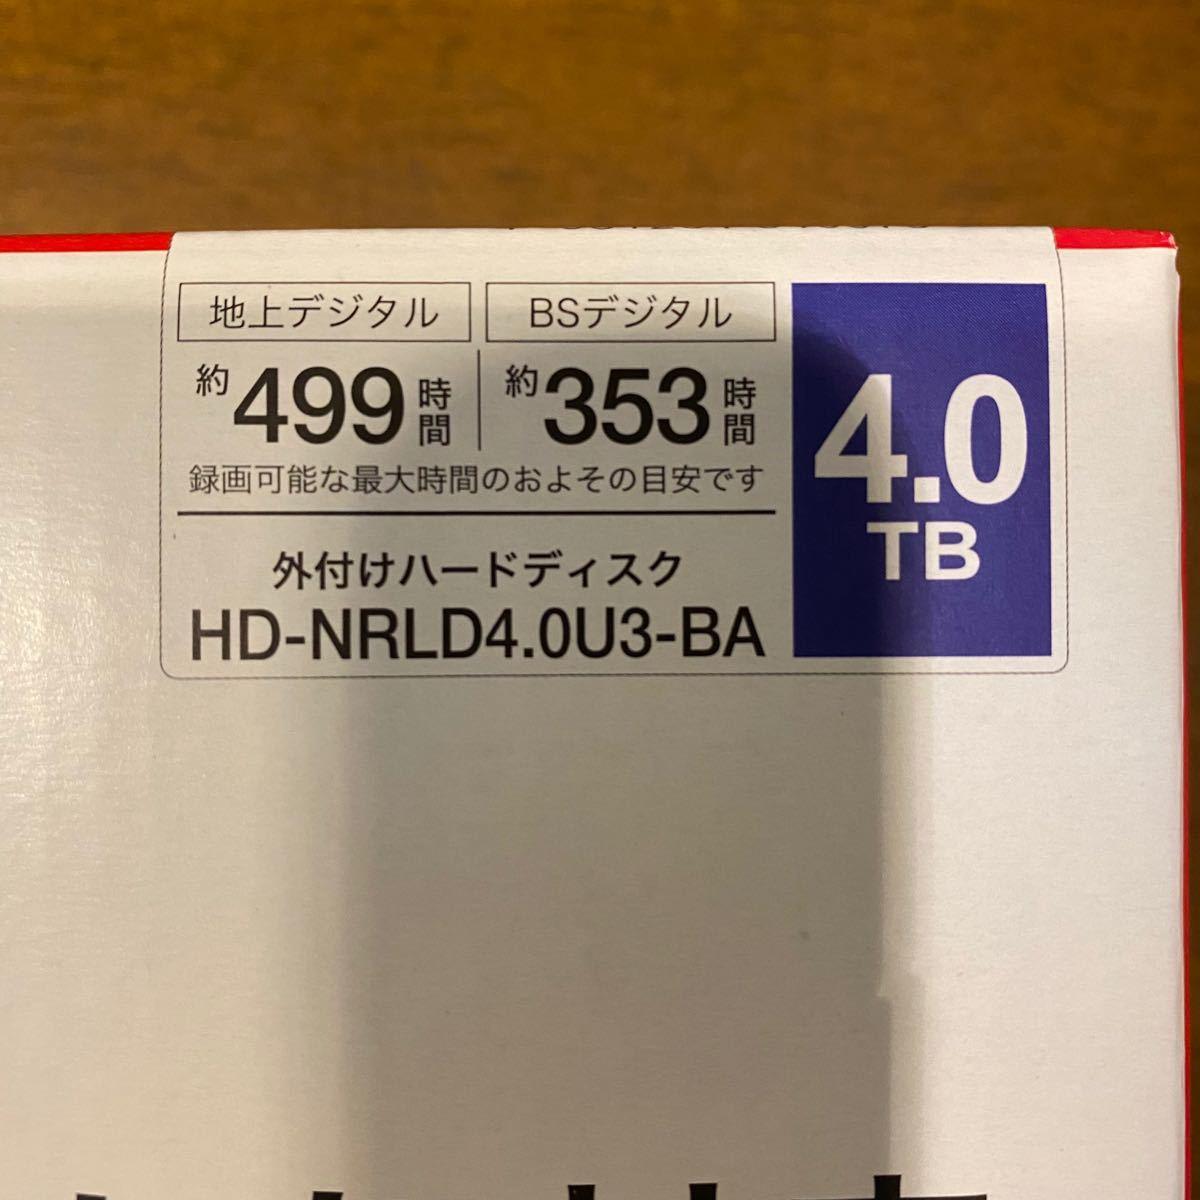 BUFFALO  外付けHDD 4TB HD-NRLD4.0U3-BA  バッファロー 外付けハードディスク